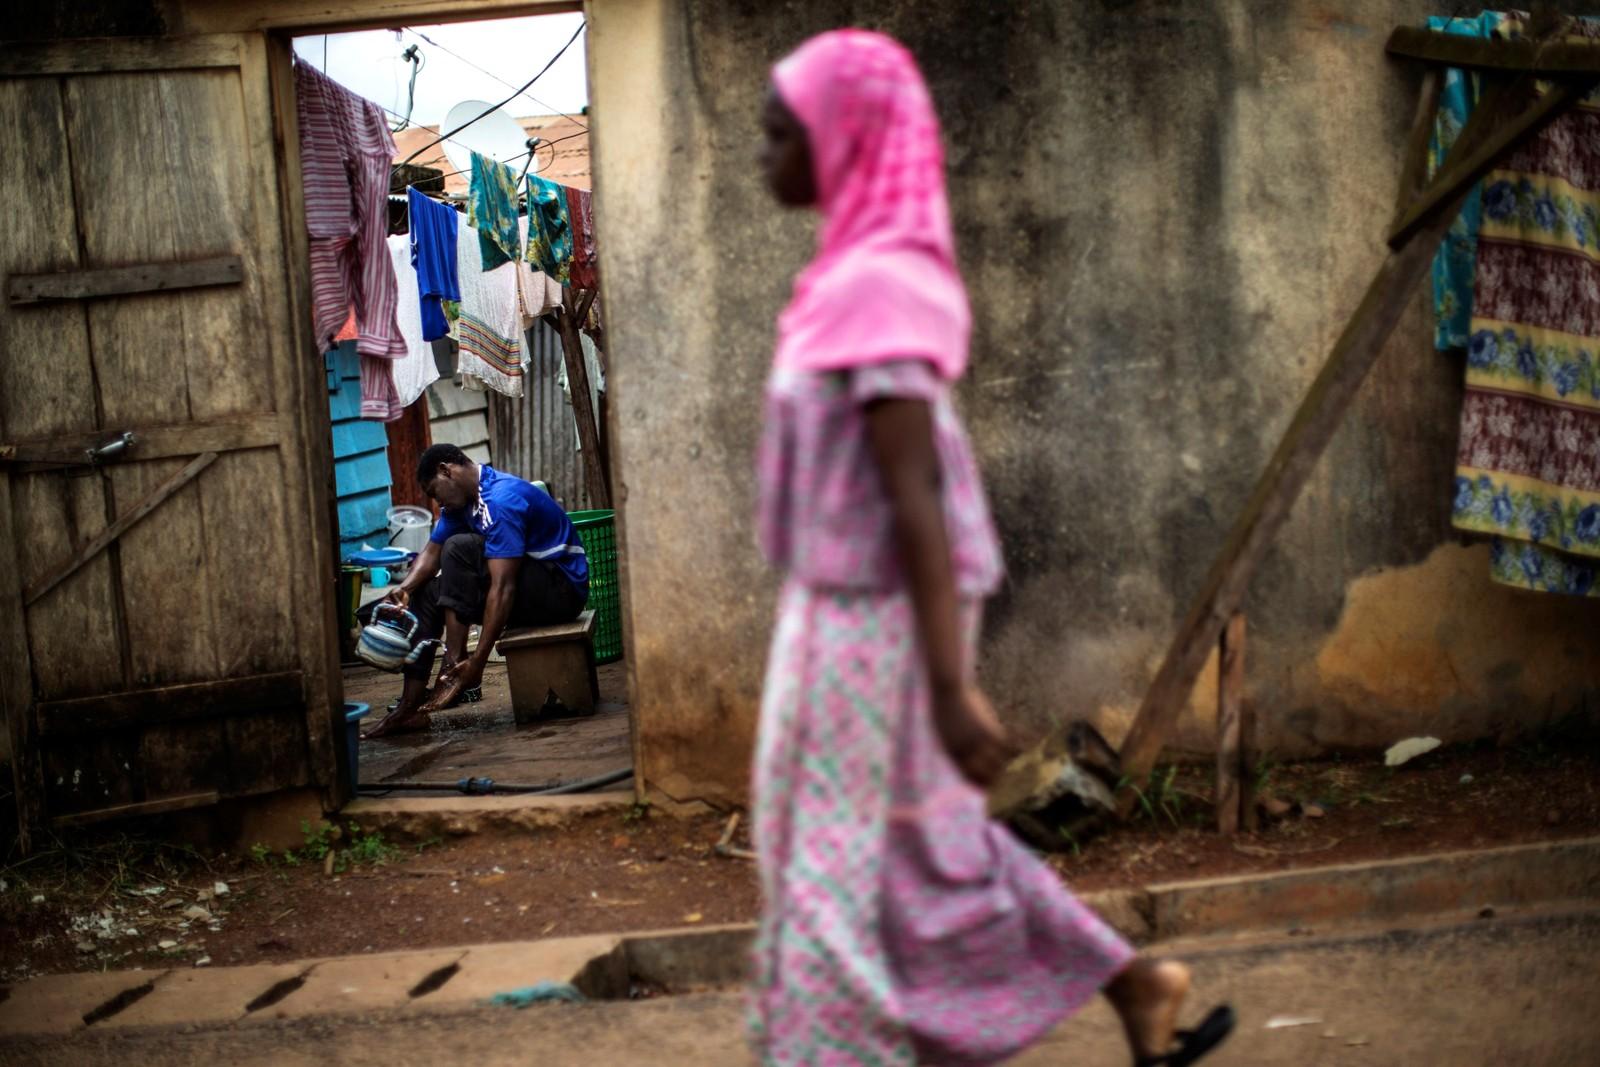 En mann går gjennom en rituell renselse mens en kvinne går forbi i Bitam, nord i Gabon den 5. september. Det har vært store uroligheter i landet etter valget den 27. august